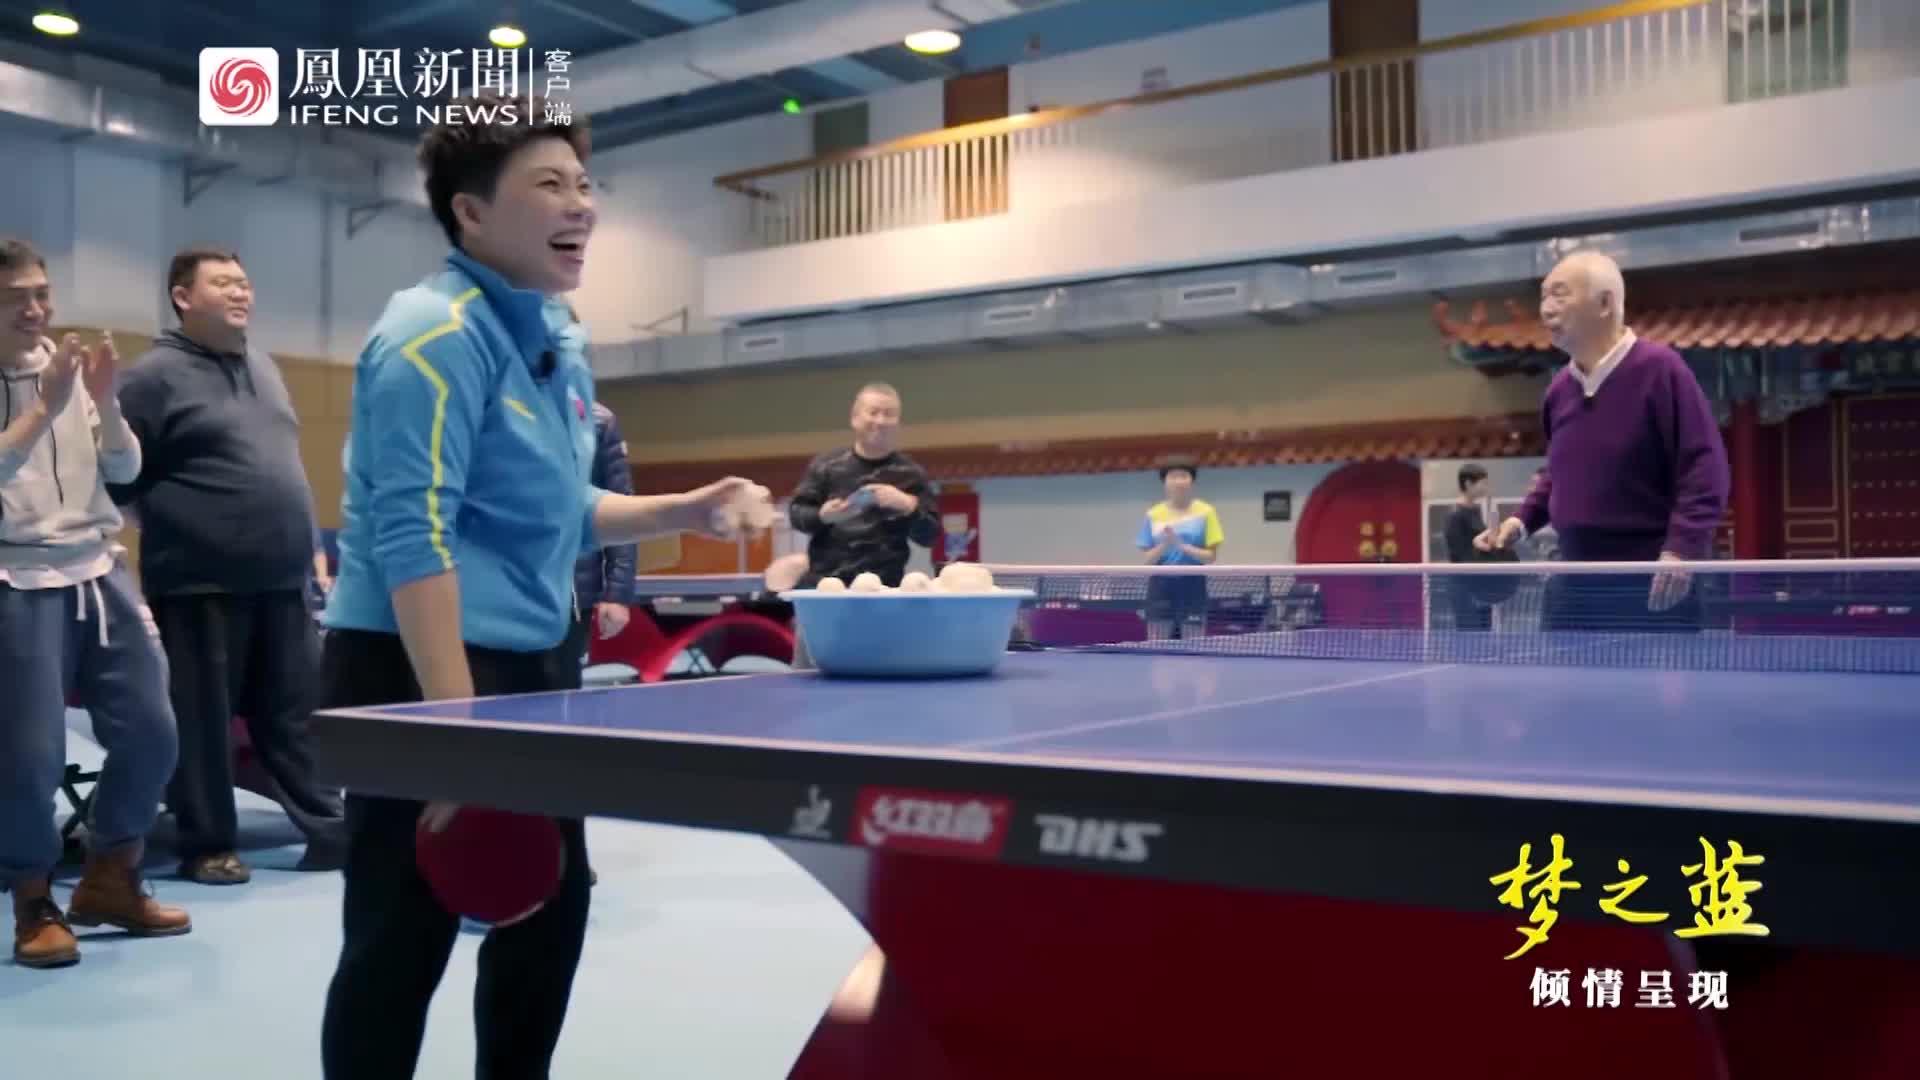 邓亚萍恩师张燮林,79岁高龄秀球技:中国乒乓球天下无敌